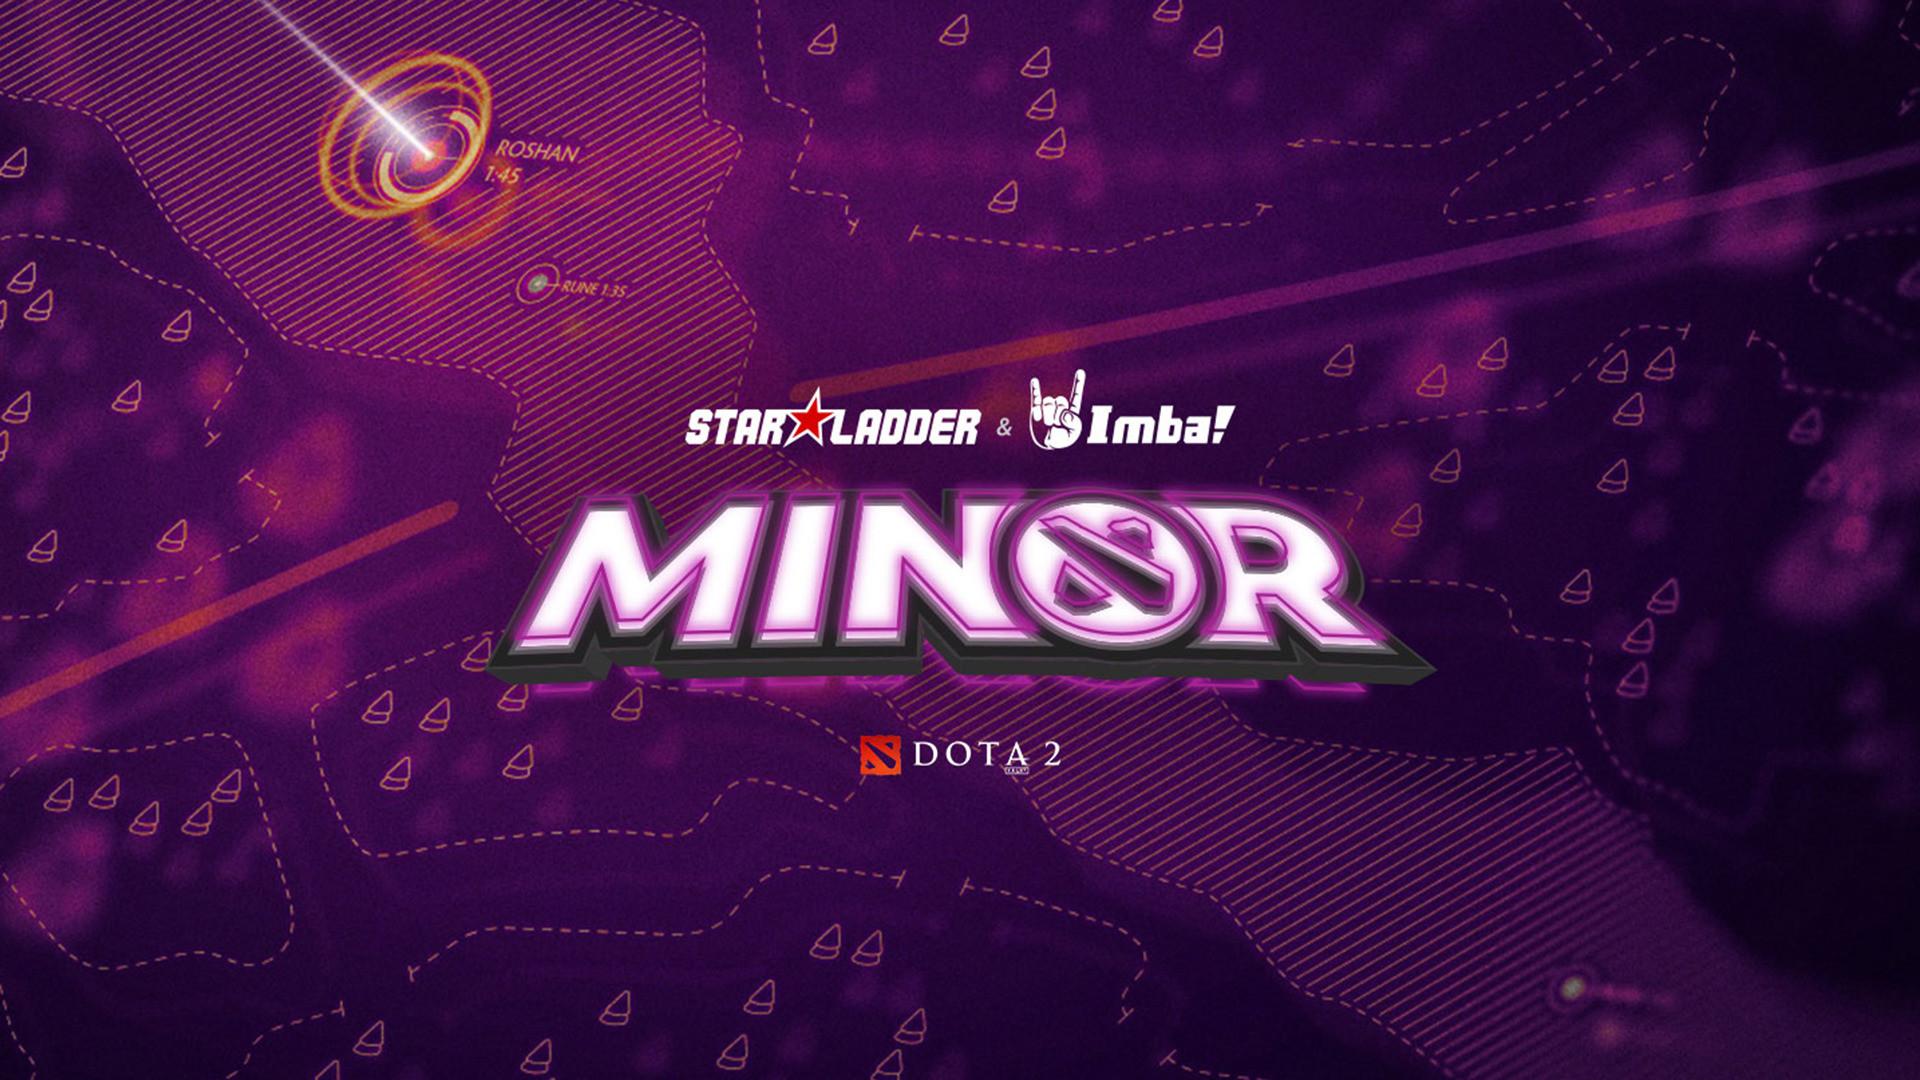 [DOTA 2] Tổng hợp ngày thi đấu đầu tiên StarLadder ImbaTV Dota 2 Minor Season 2